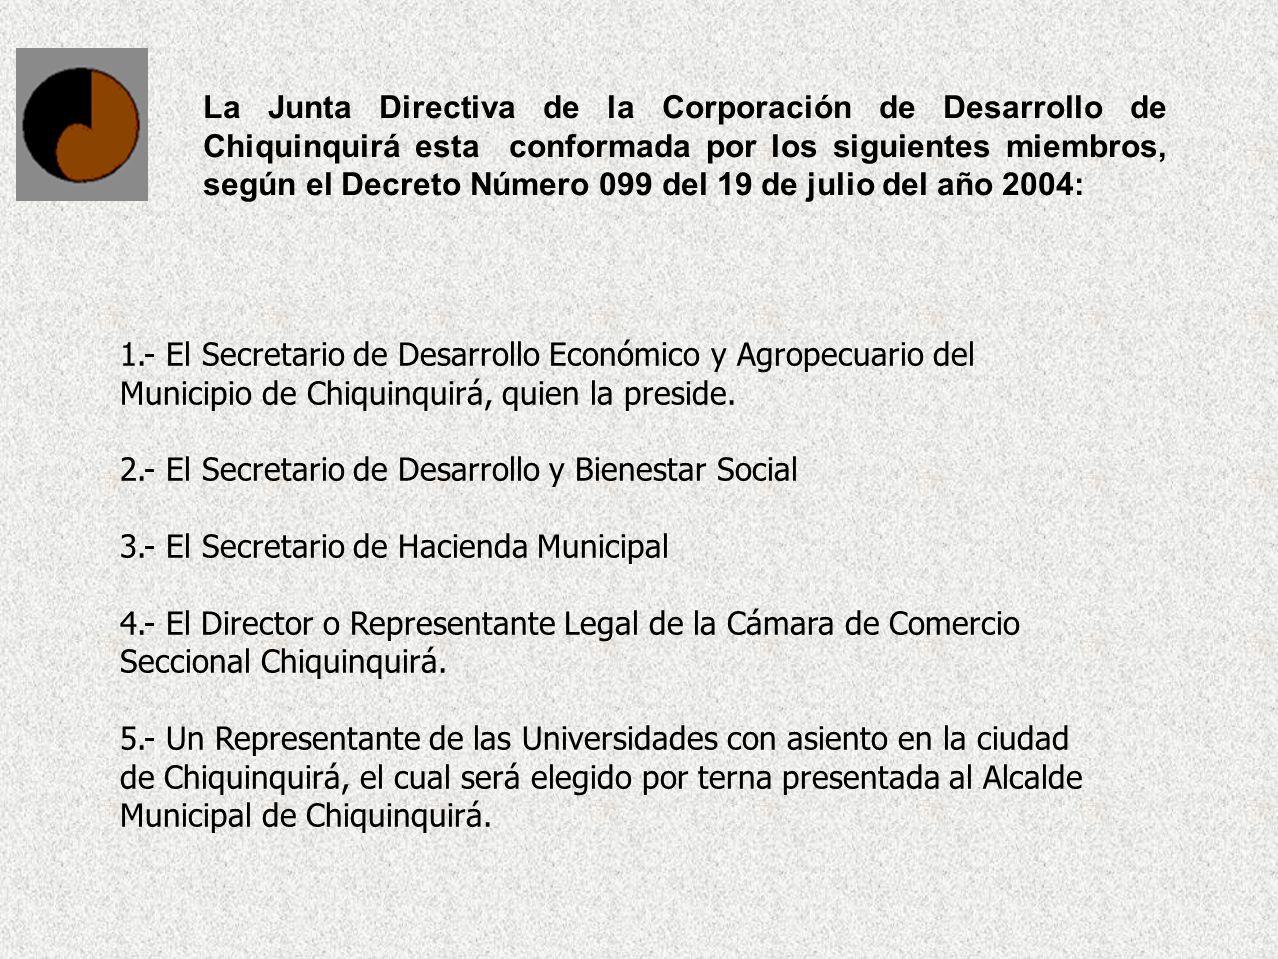 1.- El Secretario de Desarrollo Económico y Agropecuario del Municipio de Chiquinquirá, quien la preside. 2.- El Secretario de Desarrollo y Bienestar